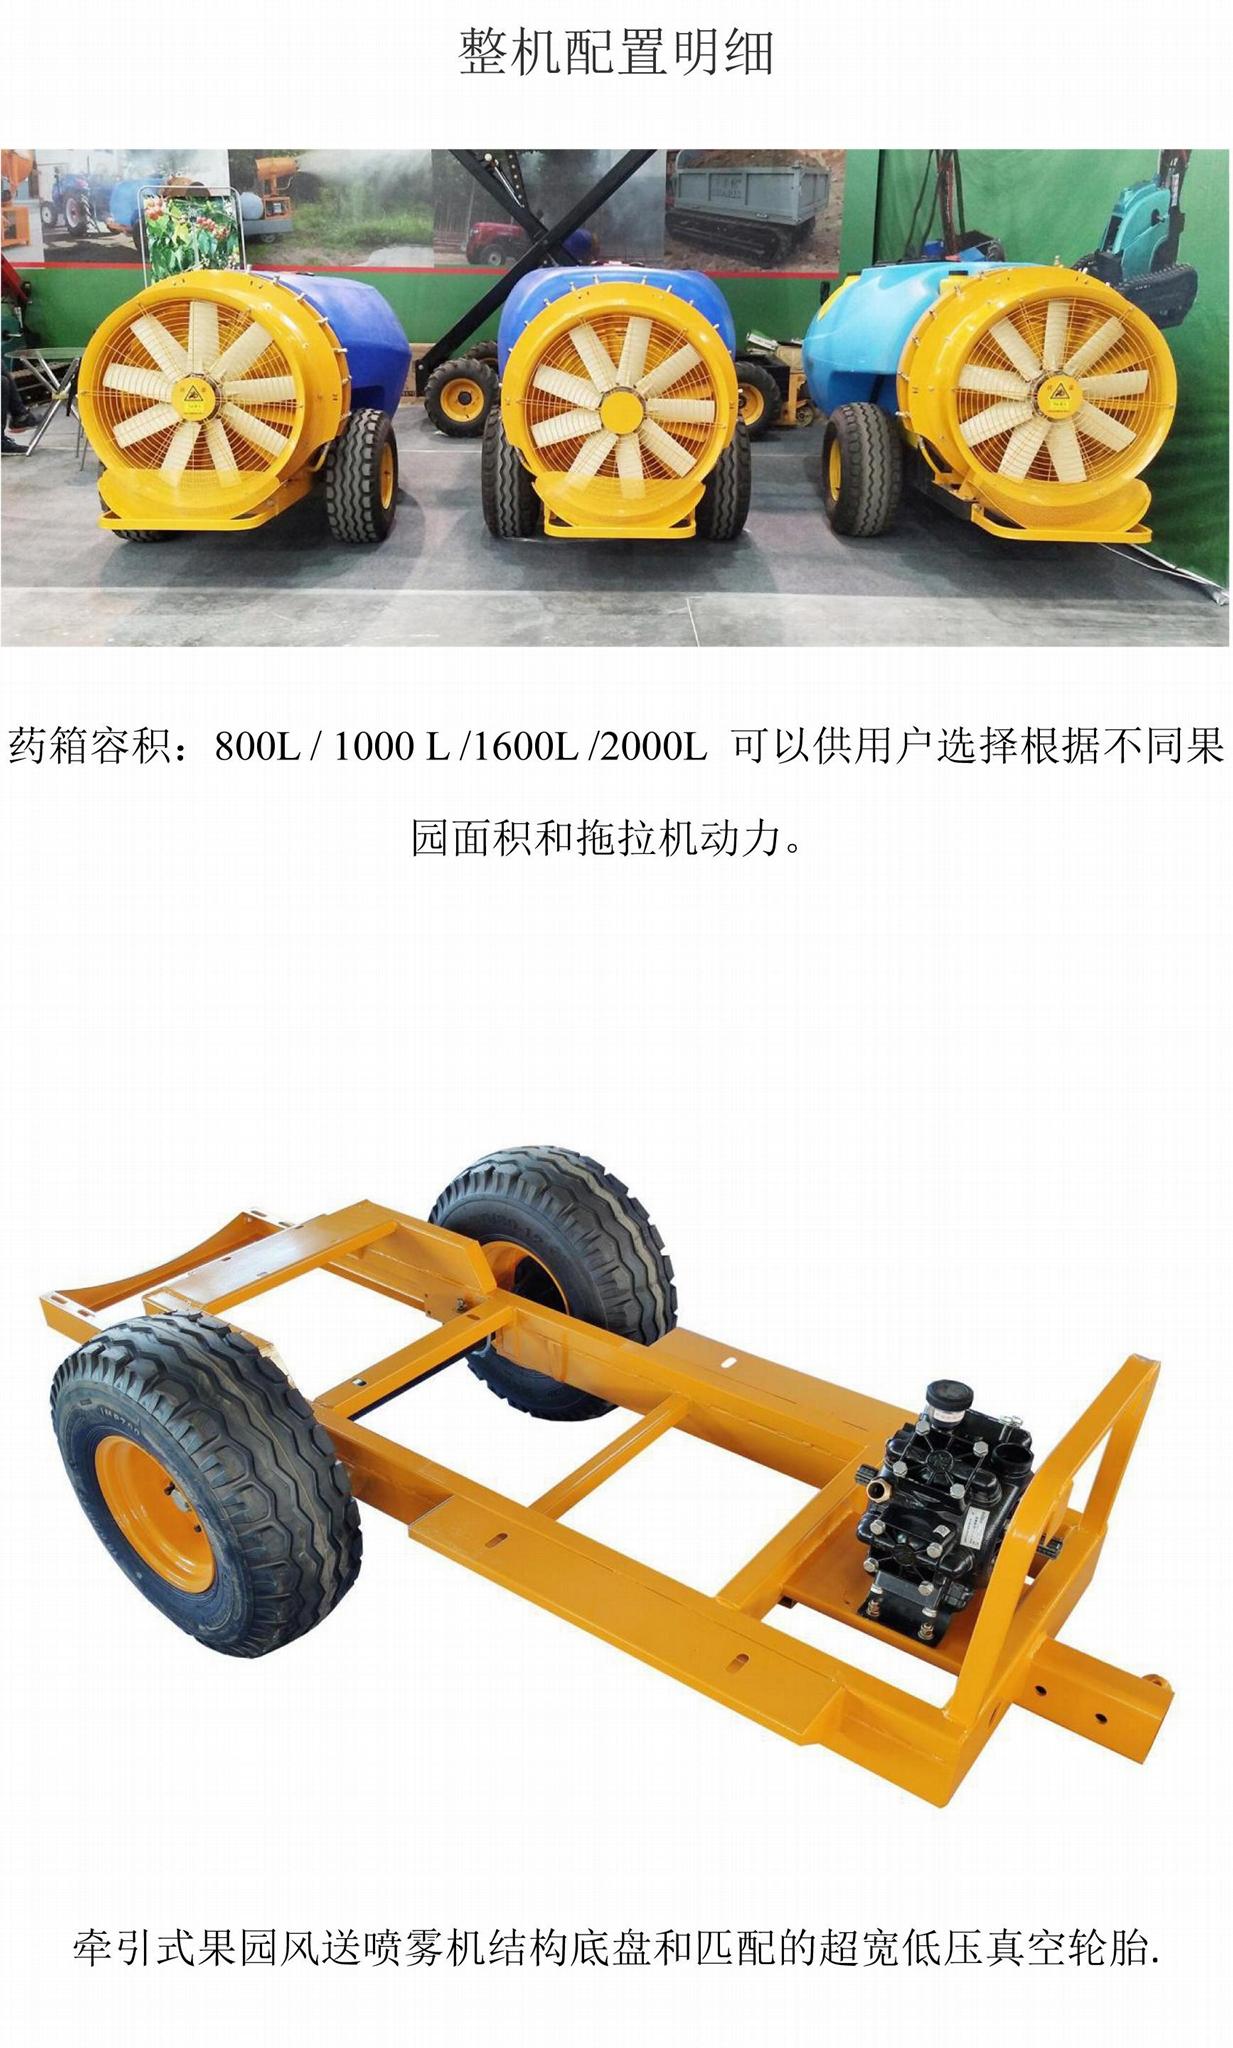 1600L 拖拉机牵引式果园风送打药机 8